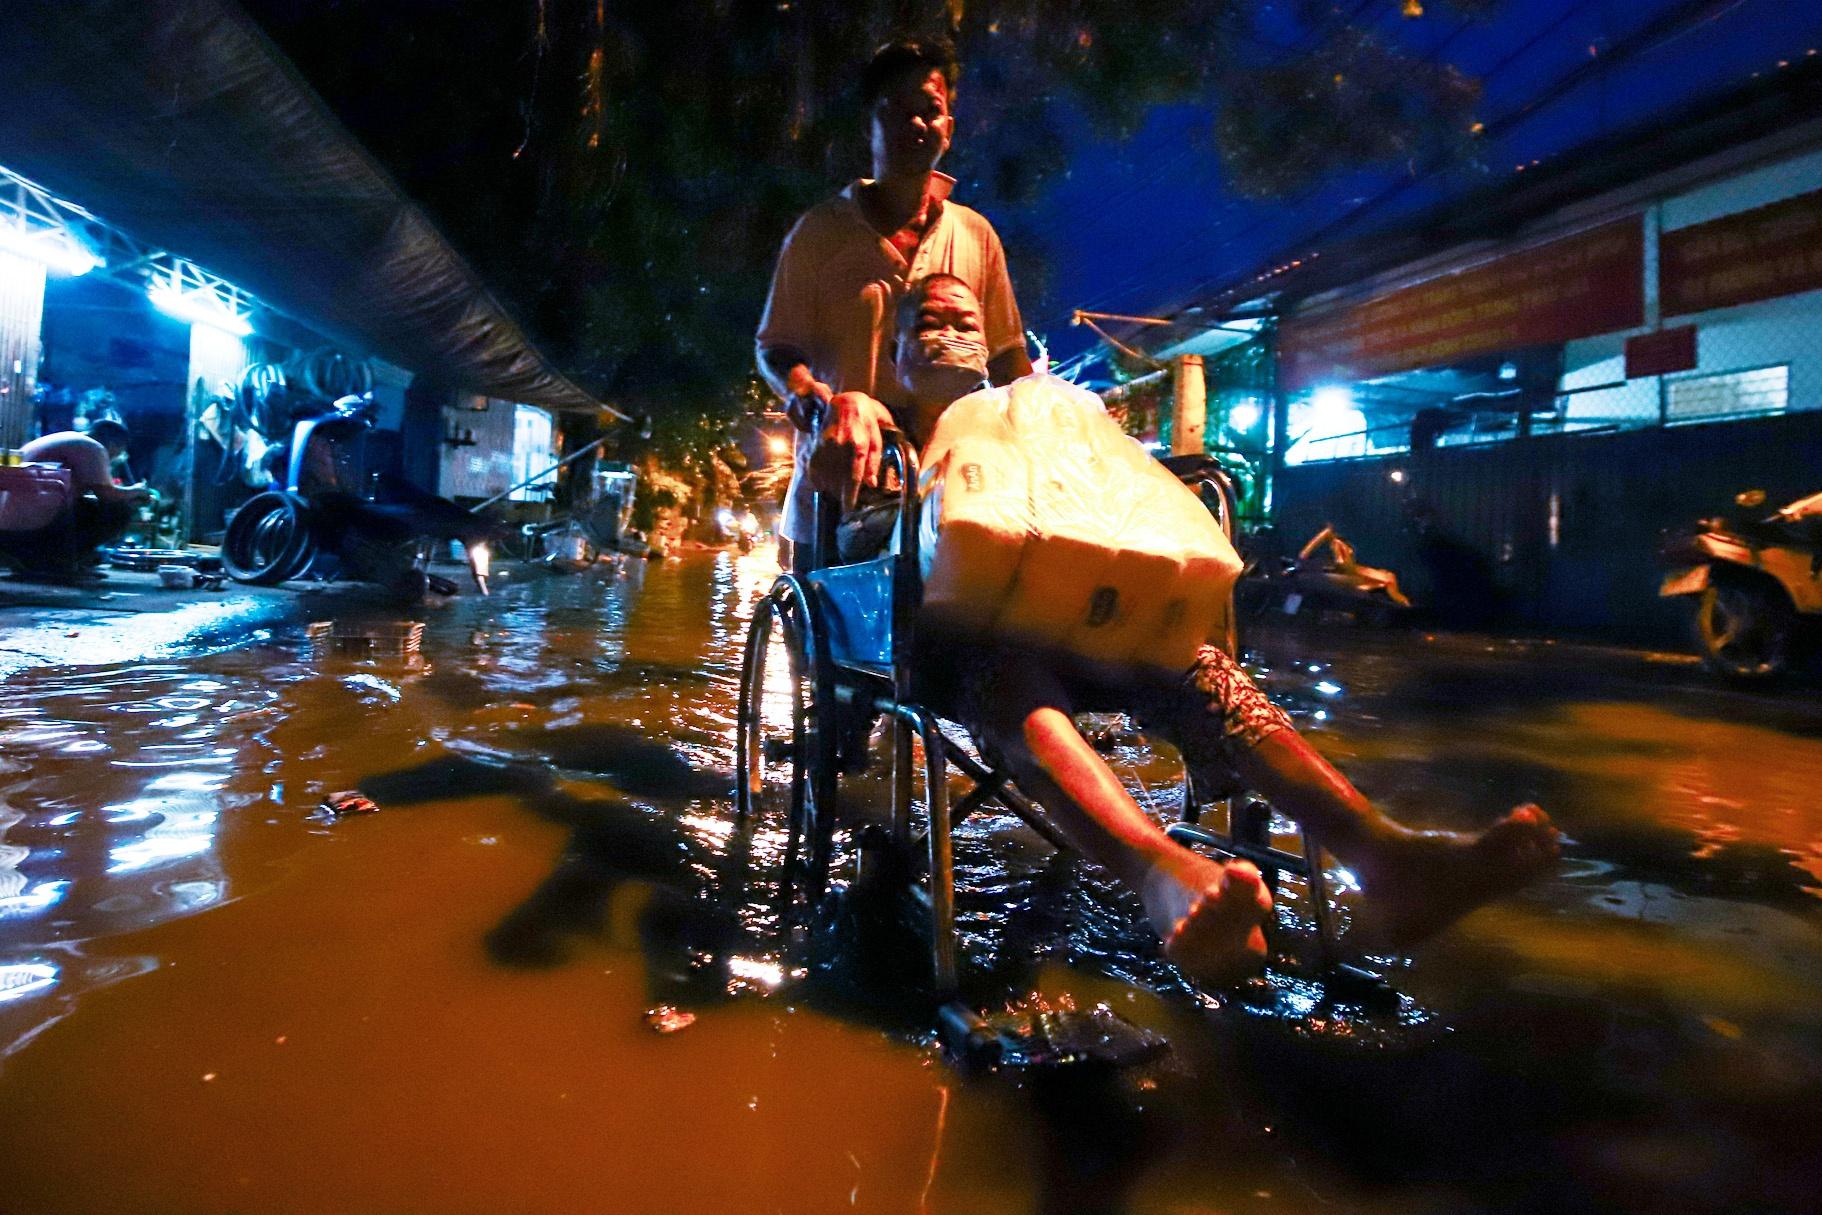 Người dân trên đường Đình An Tài cho biết nơi đây ngập cả ngày lẫn đêm. Ảnh: Quỳnh Danh.